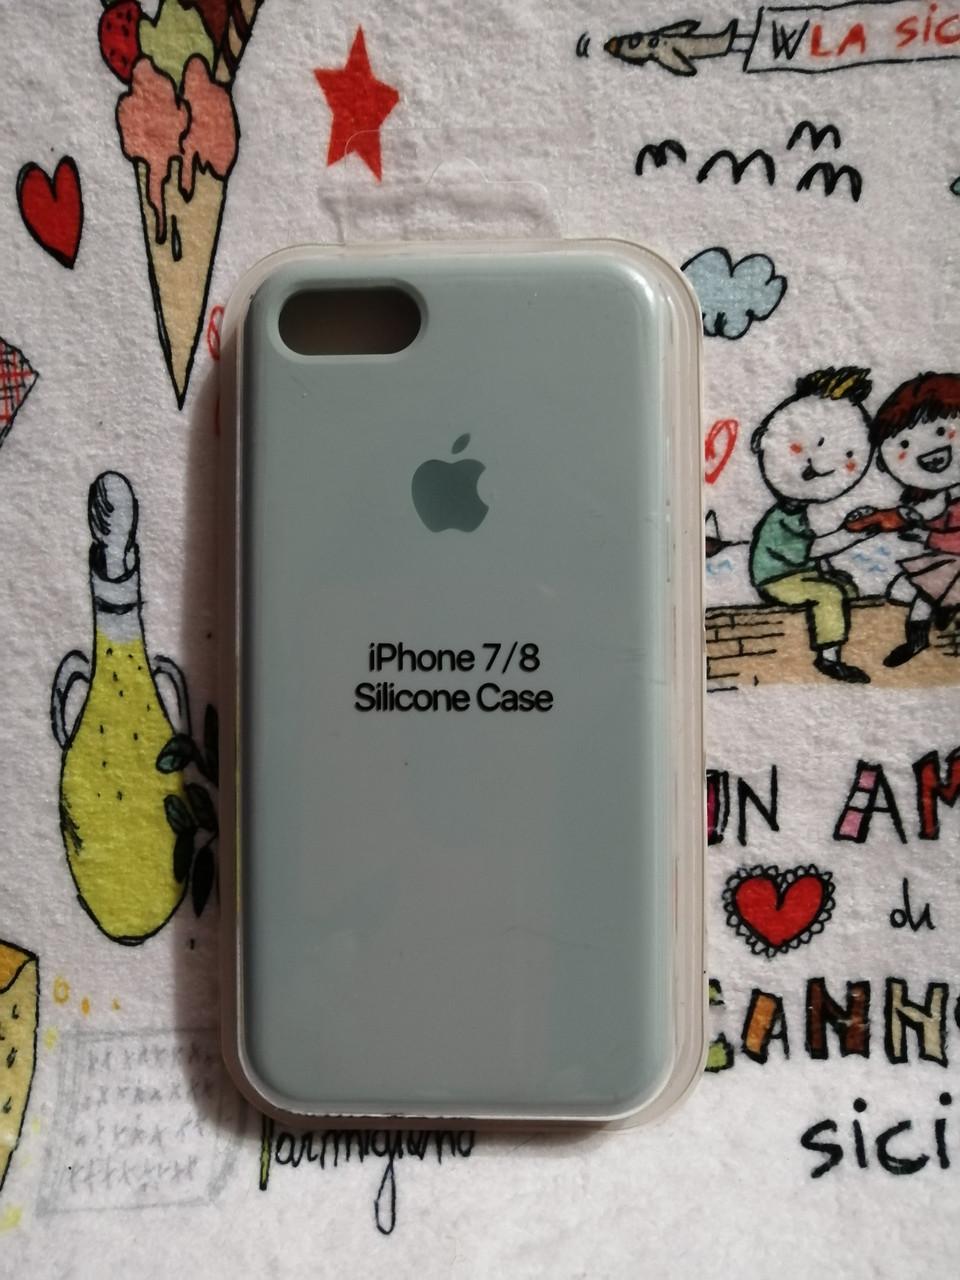 Силиконовый чехолApple Silicone CaseдляiPhone 7 / 8 - Color 26